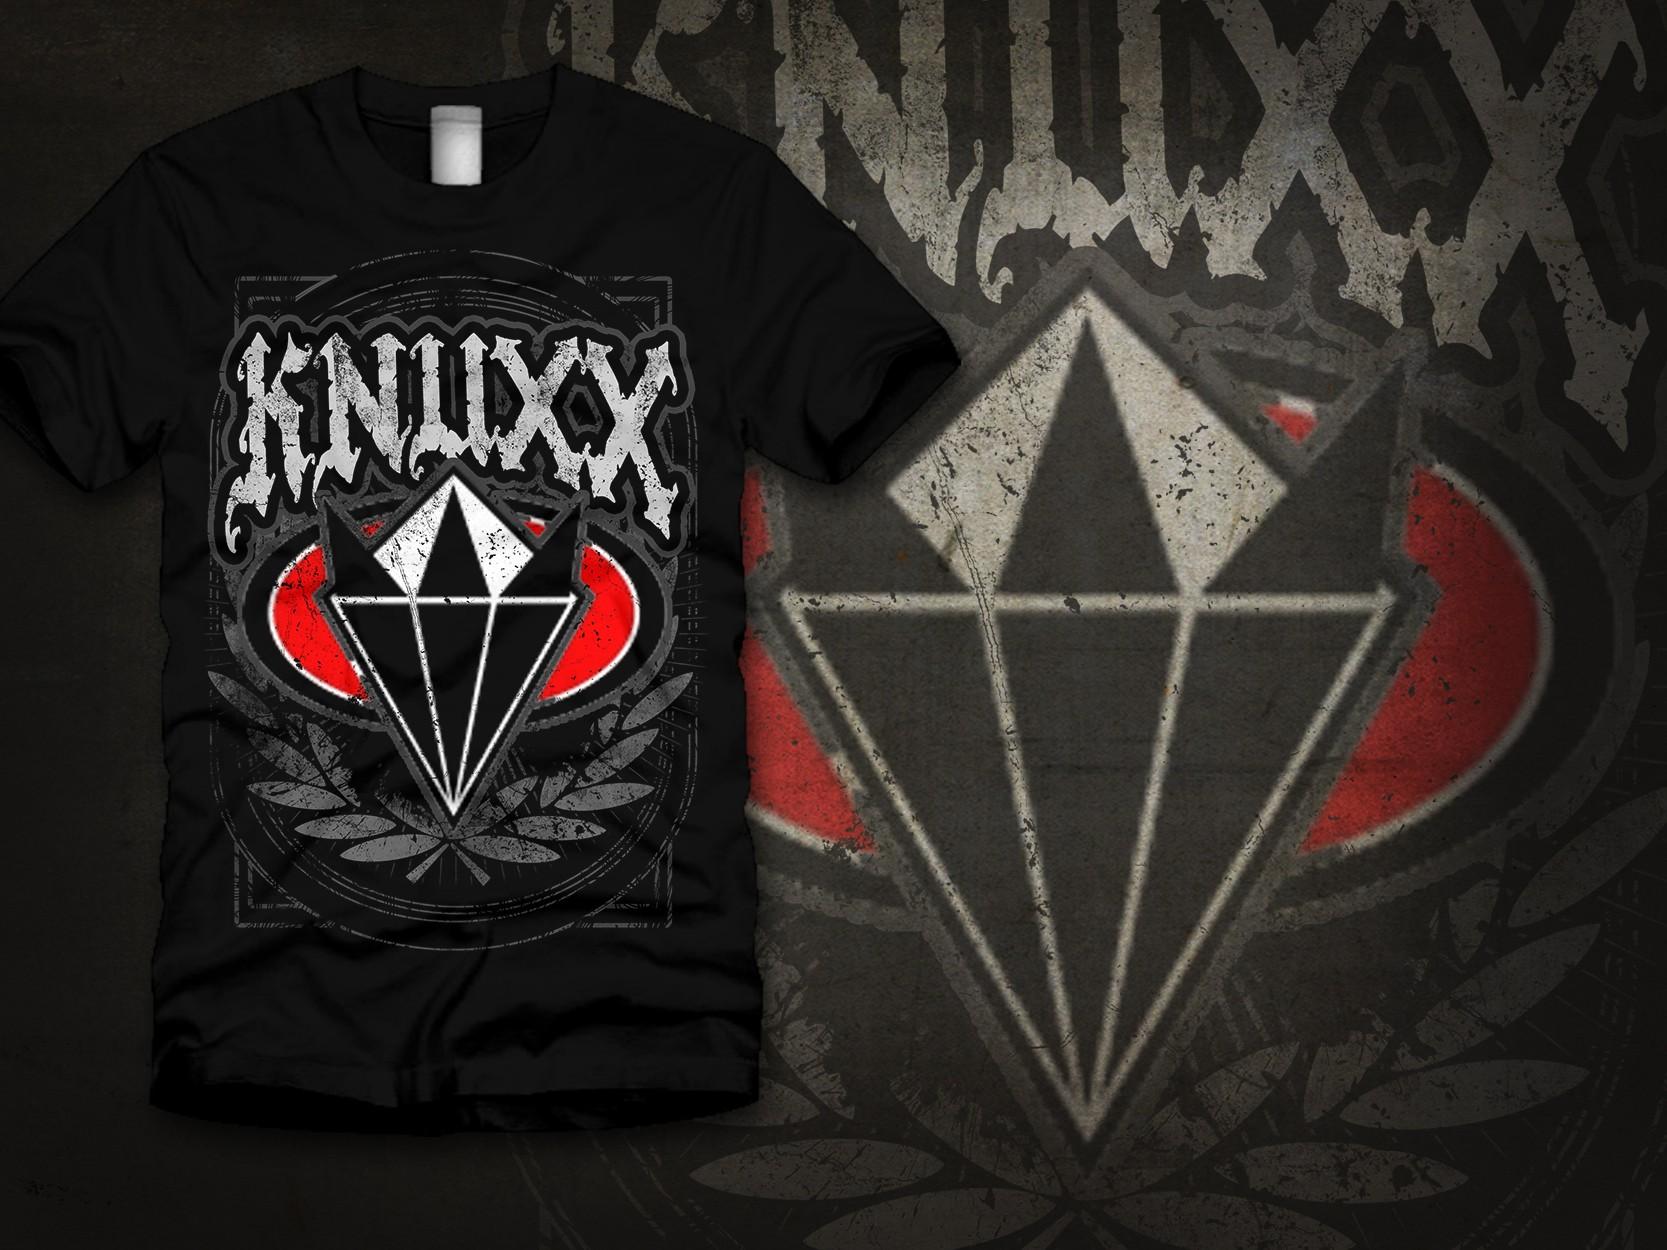 t-shirt design for Aggressive Brand - KNUXX